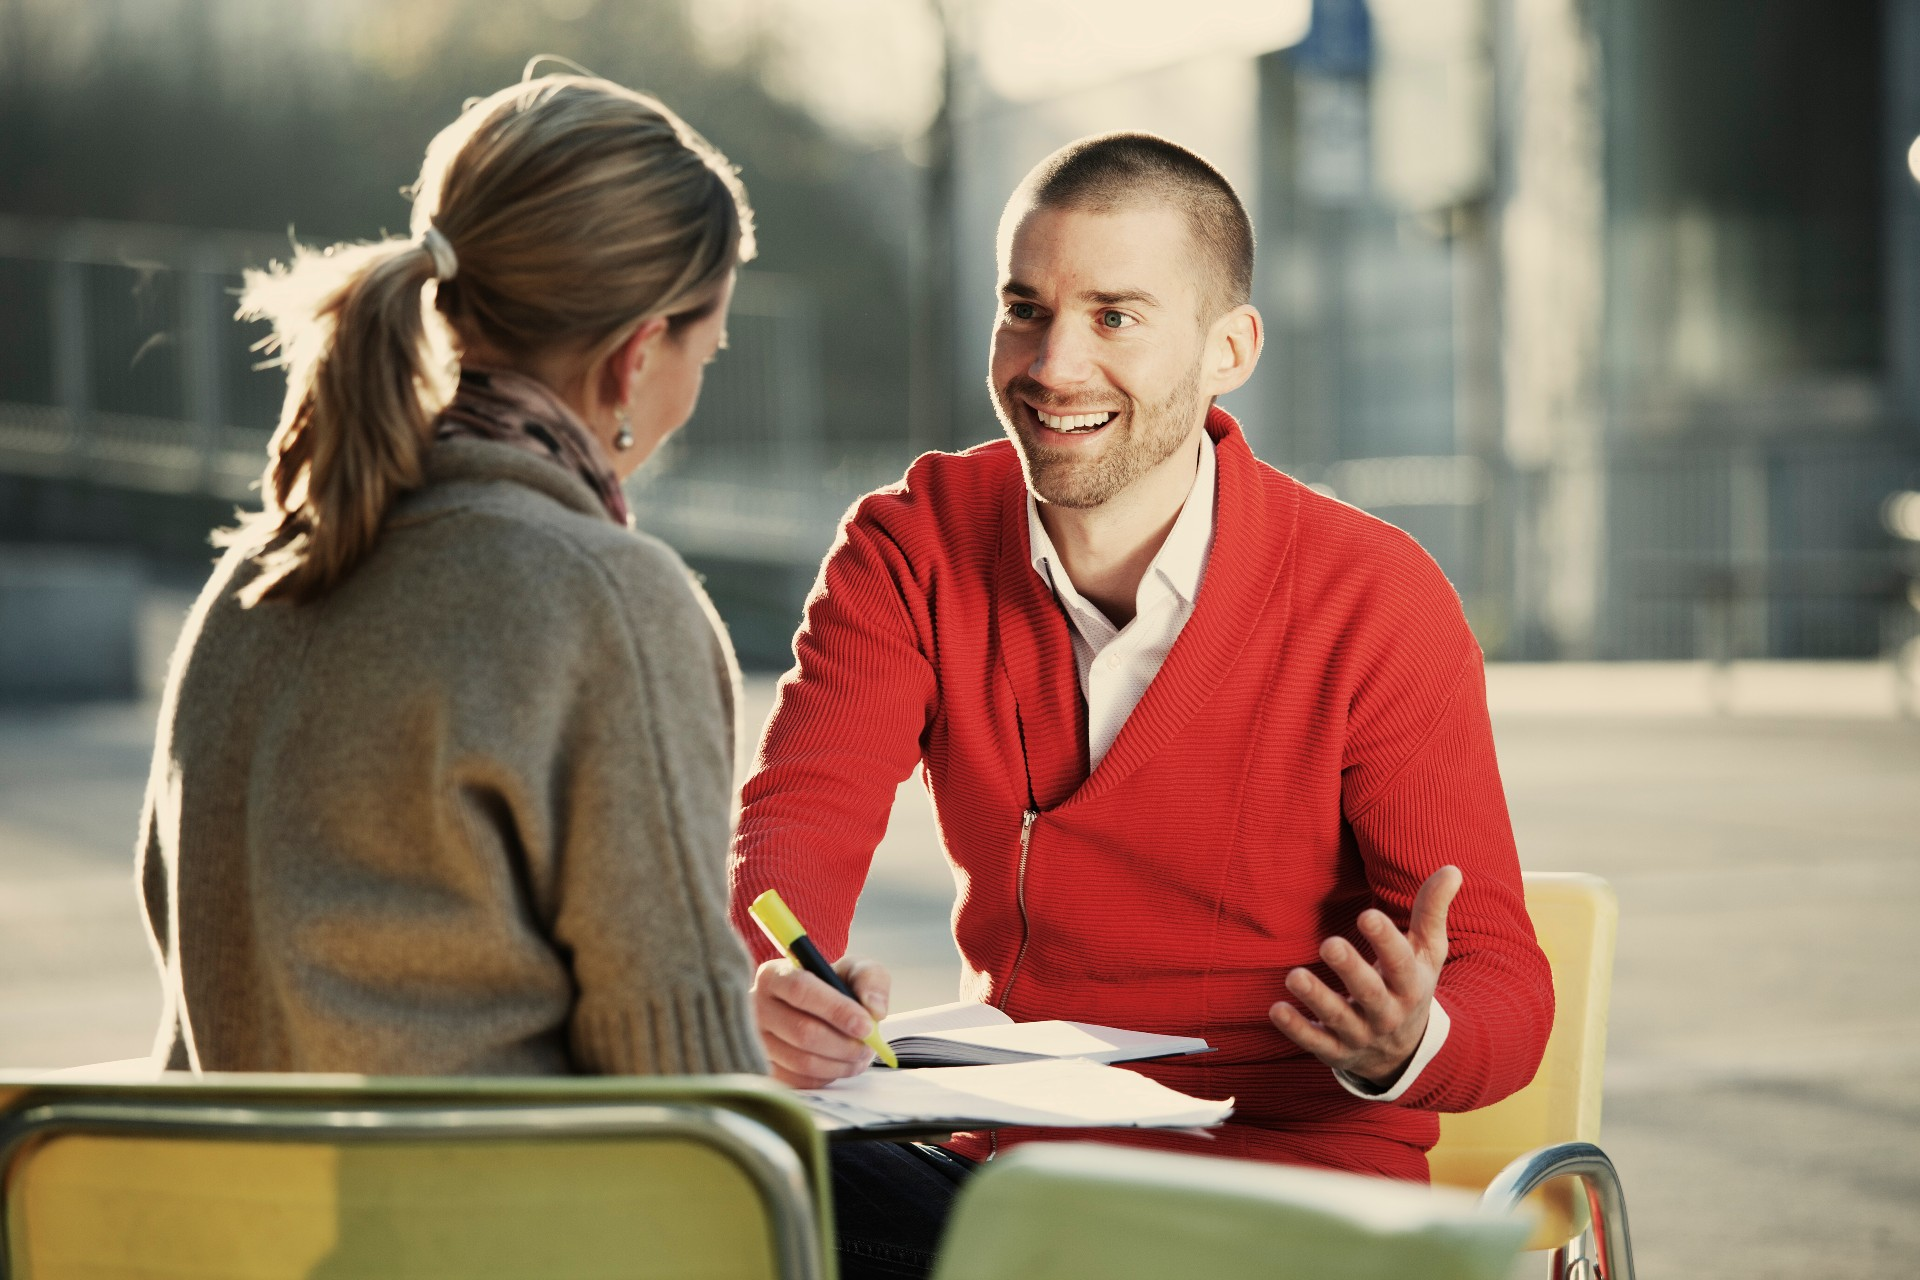 kollegaer-prater-sammen